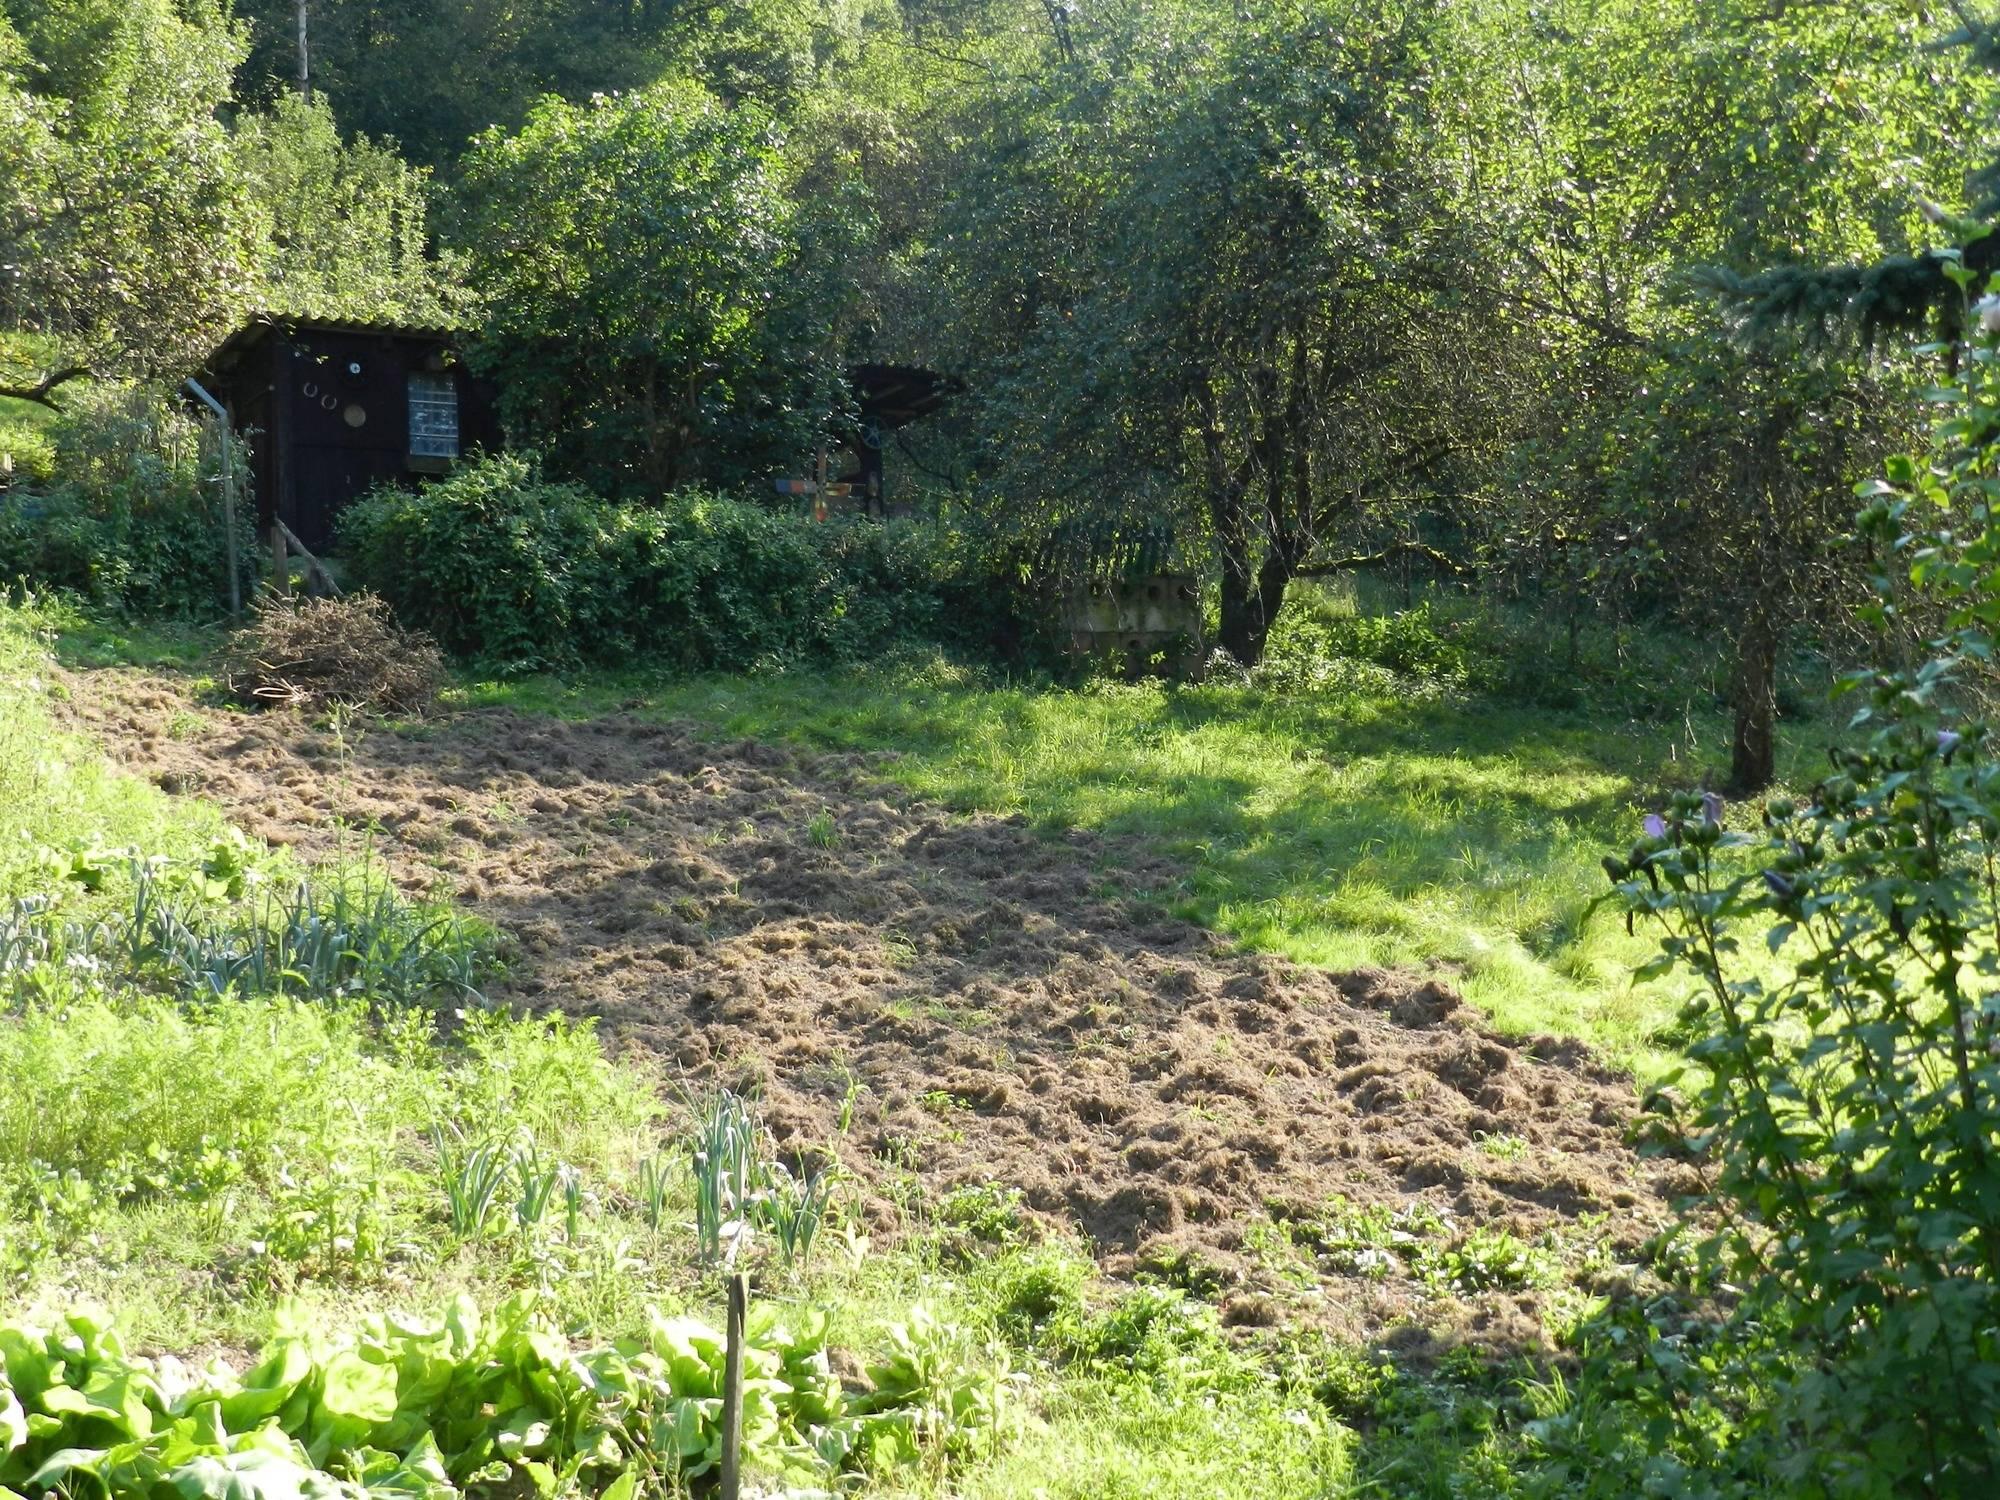 eberbach: wildschweine verwüsten kleingarten - eberbach - rhein